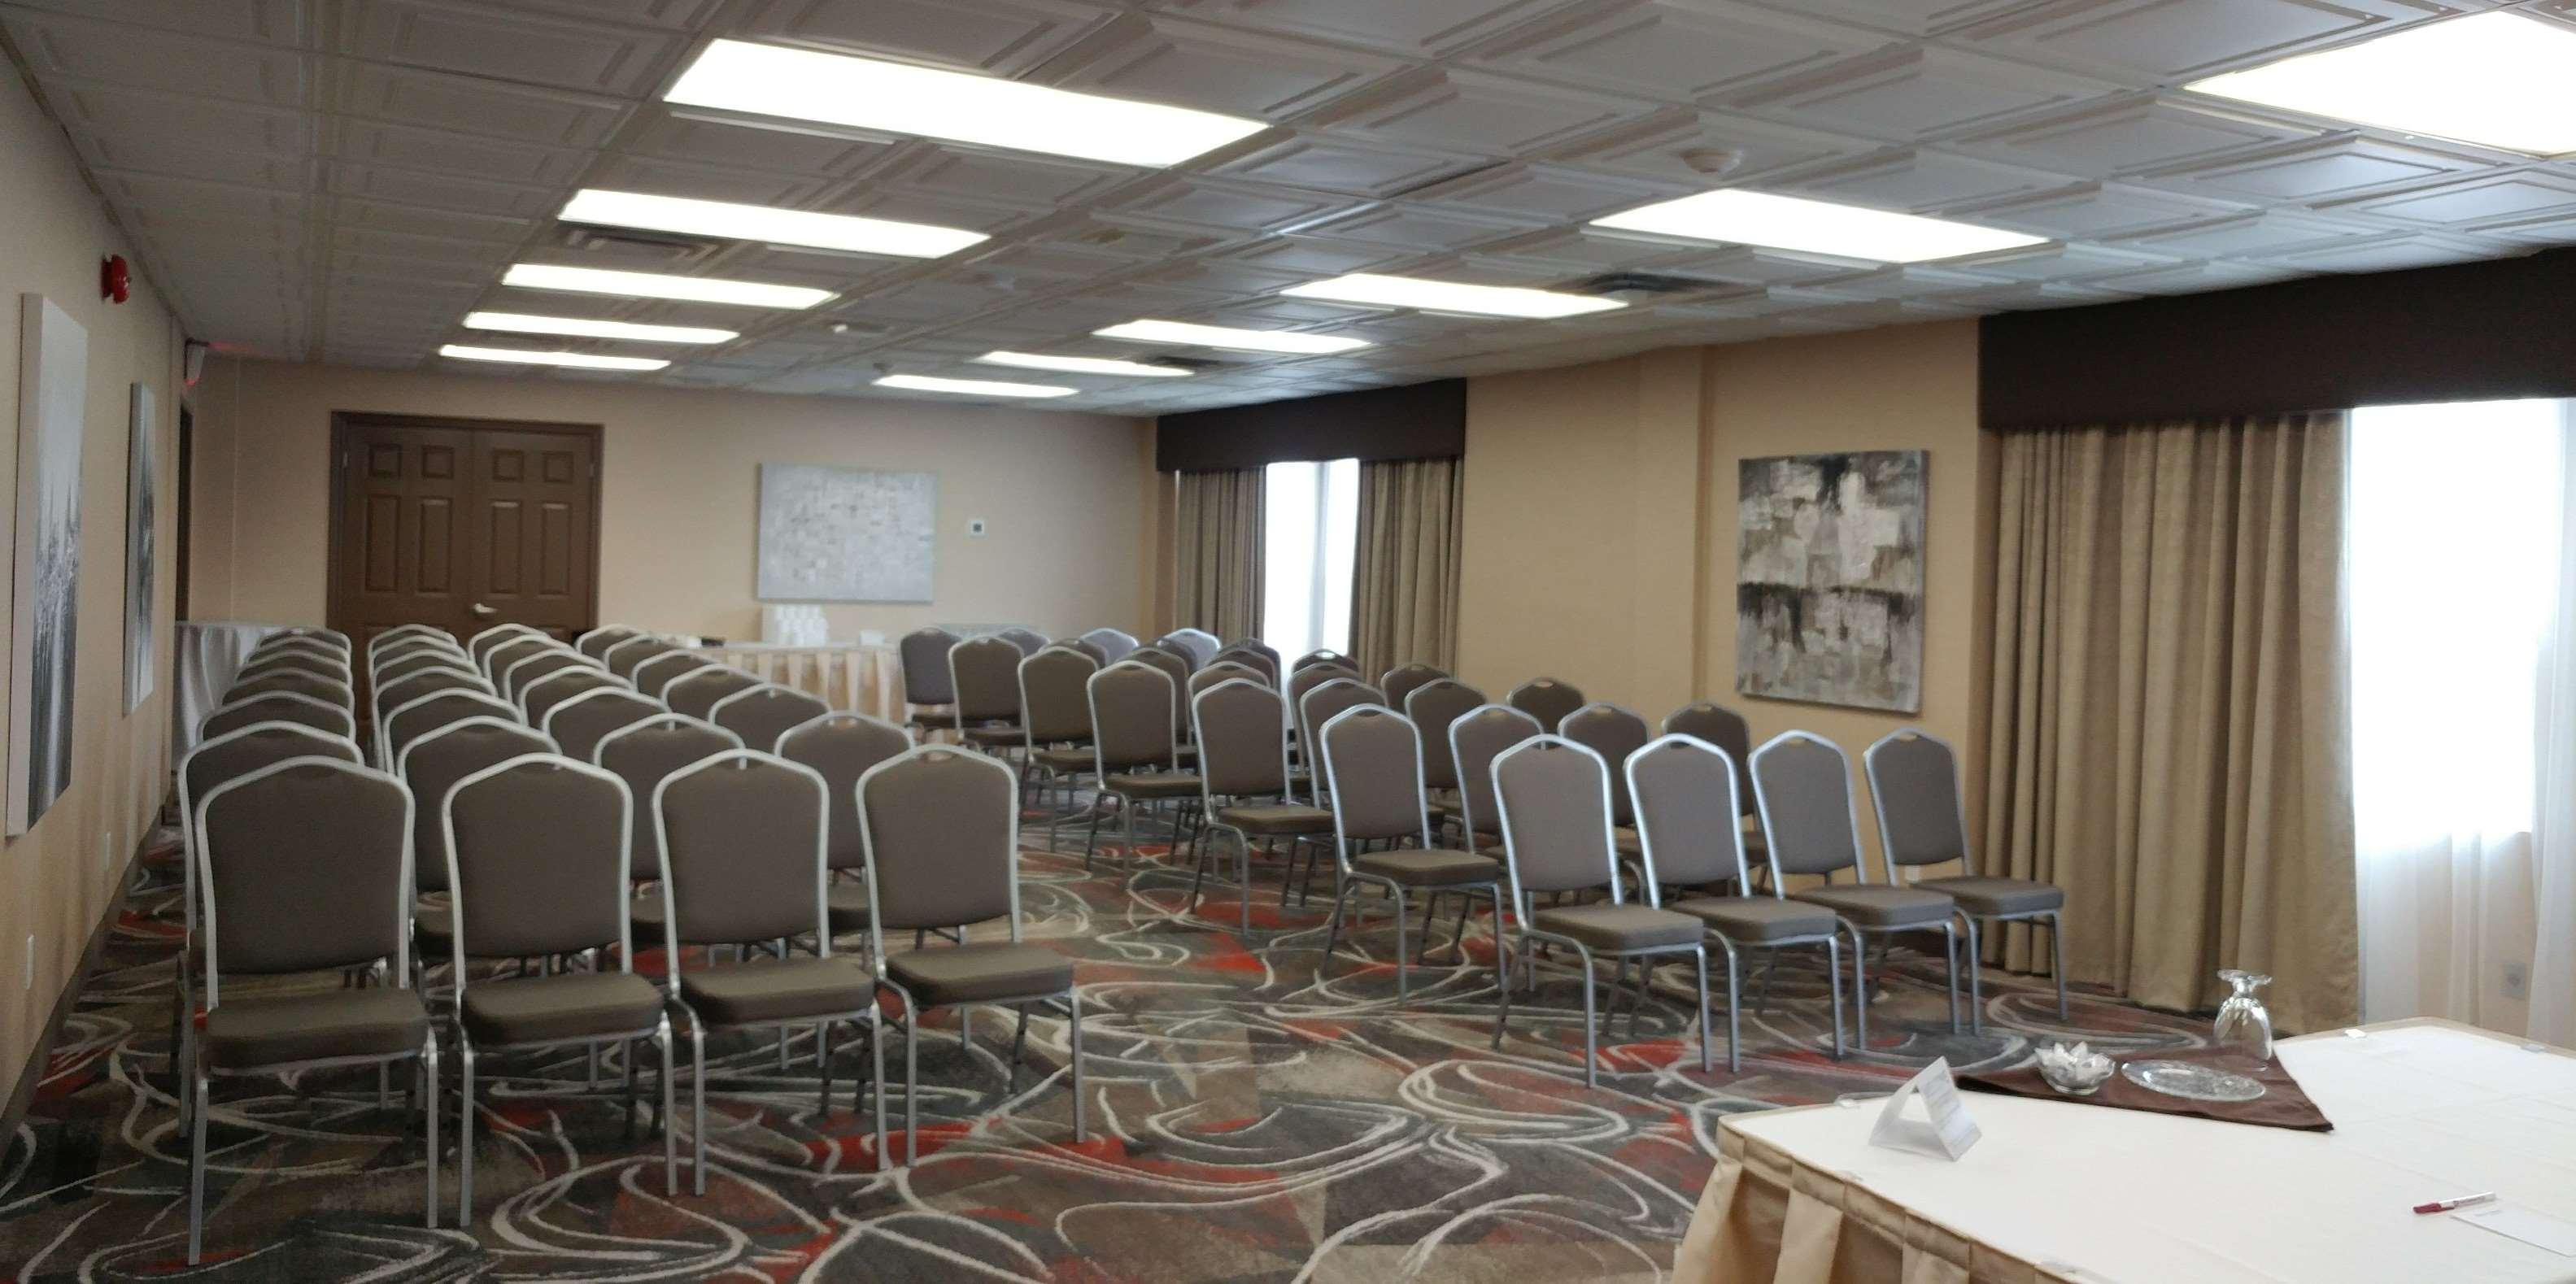 Best Western Plus Rose City Suites in Welland: Rose Room Meeting Room